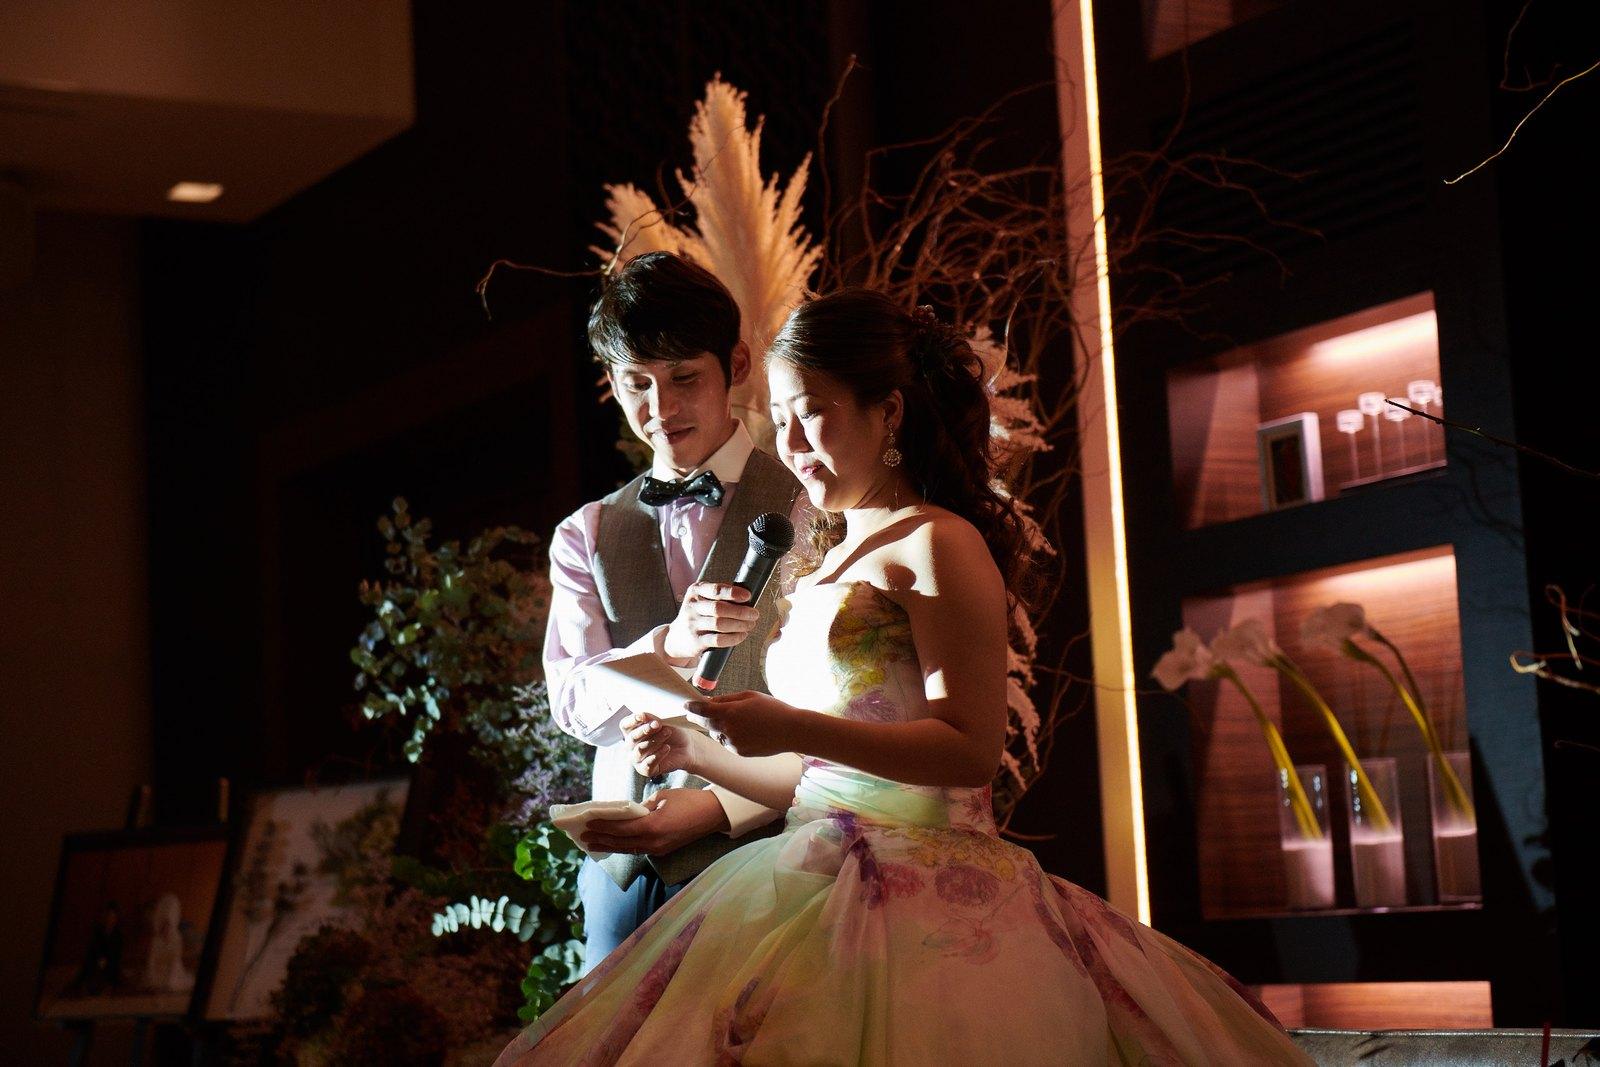 徳島県の結婚式場ブランアンジュの披露宴の最後に両親に手紙を読む新婦